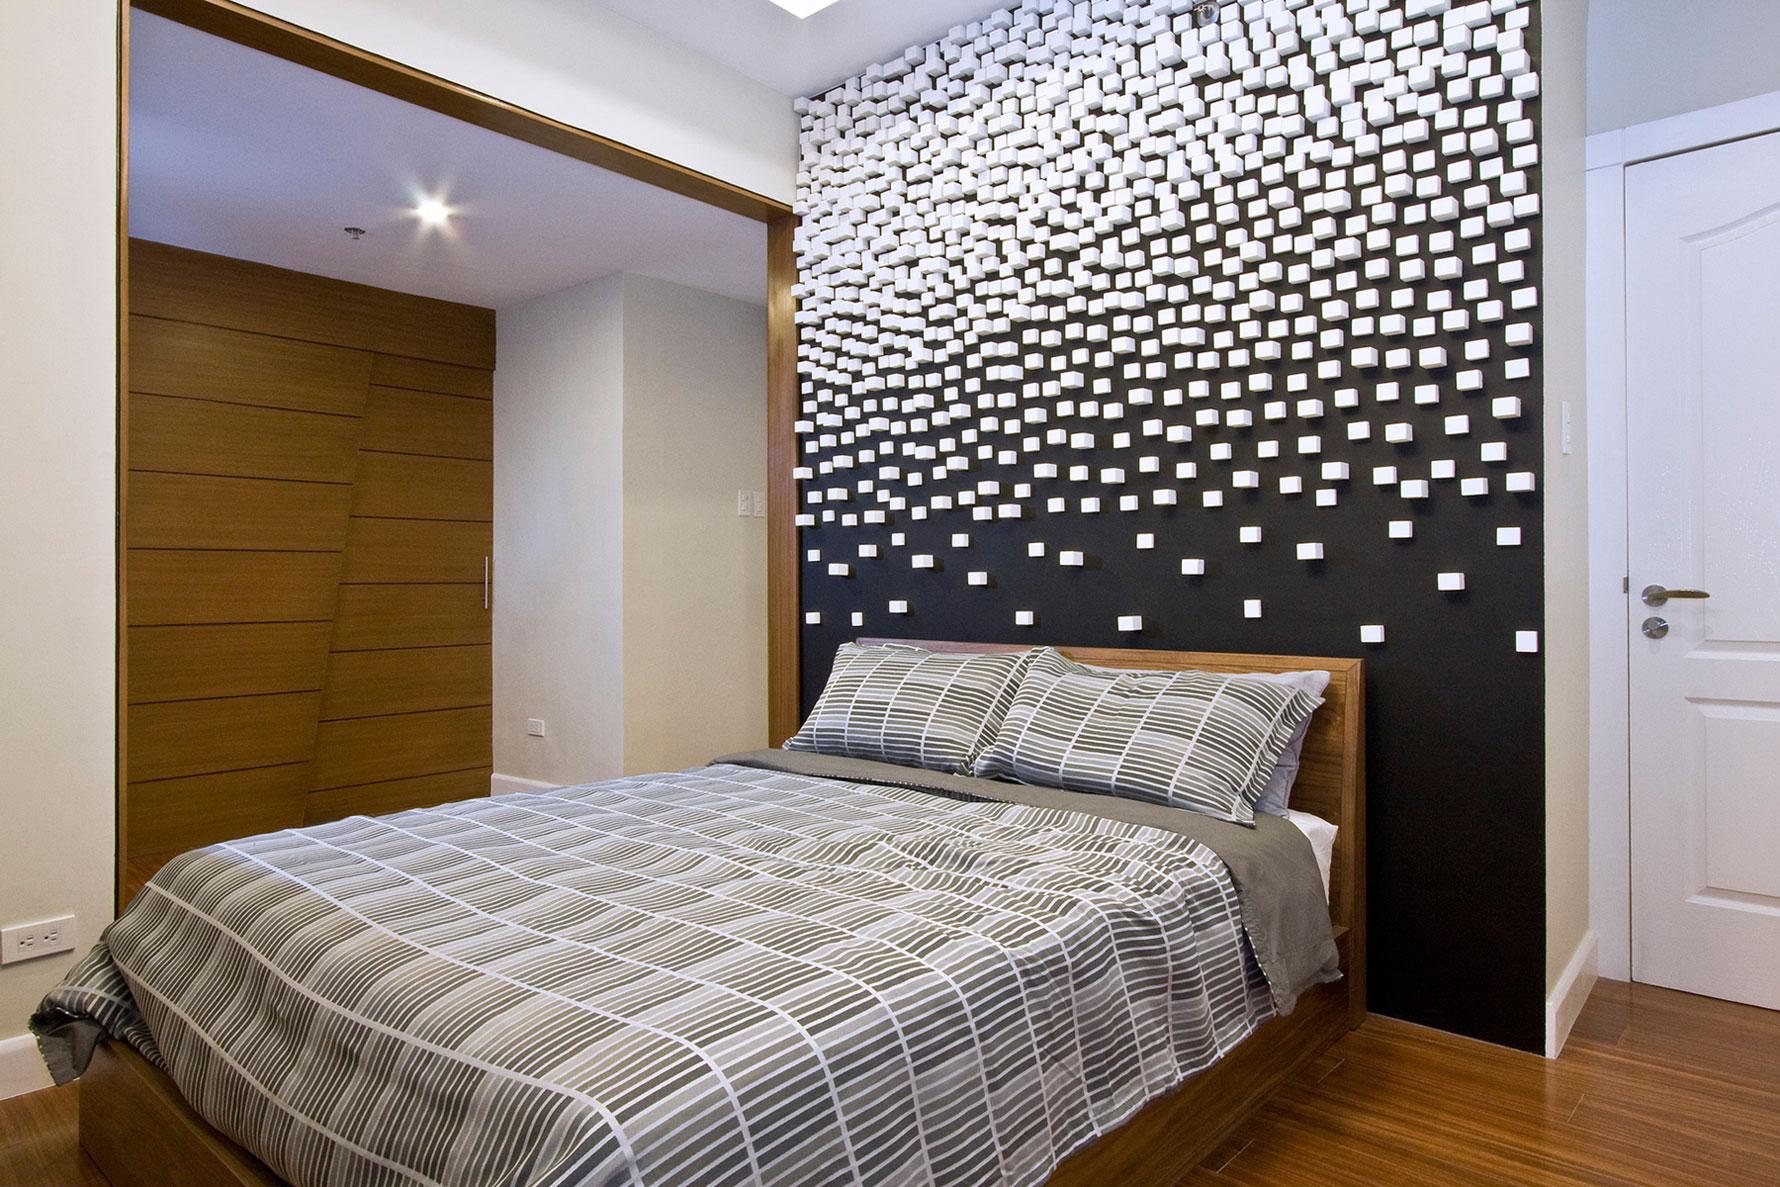 стен фото спальне декорирование в